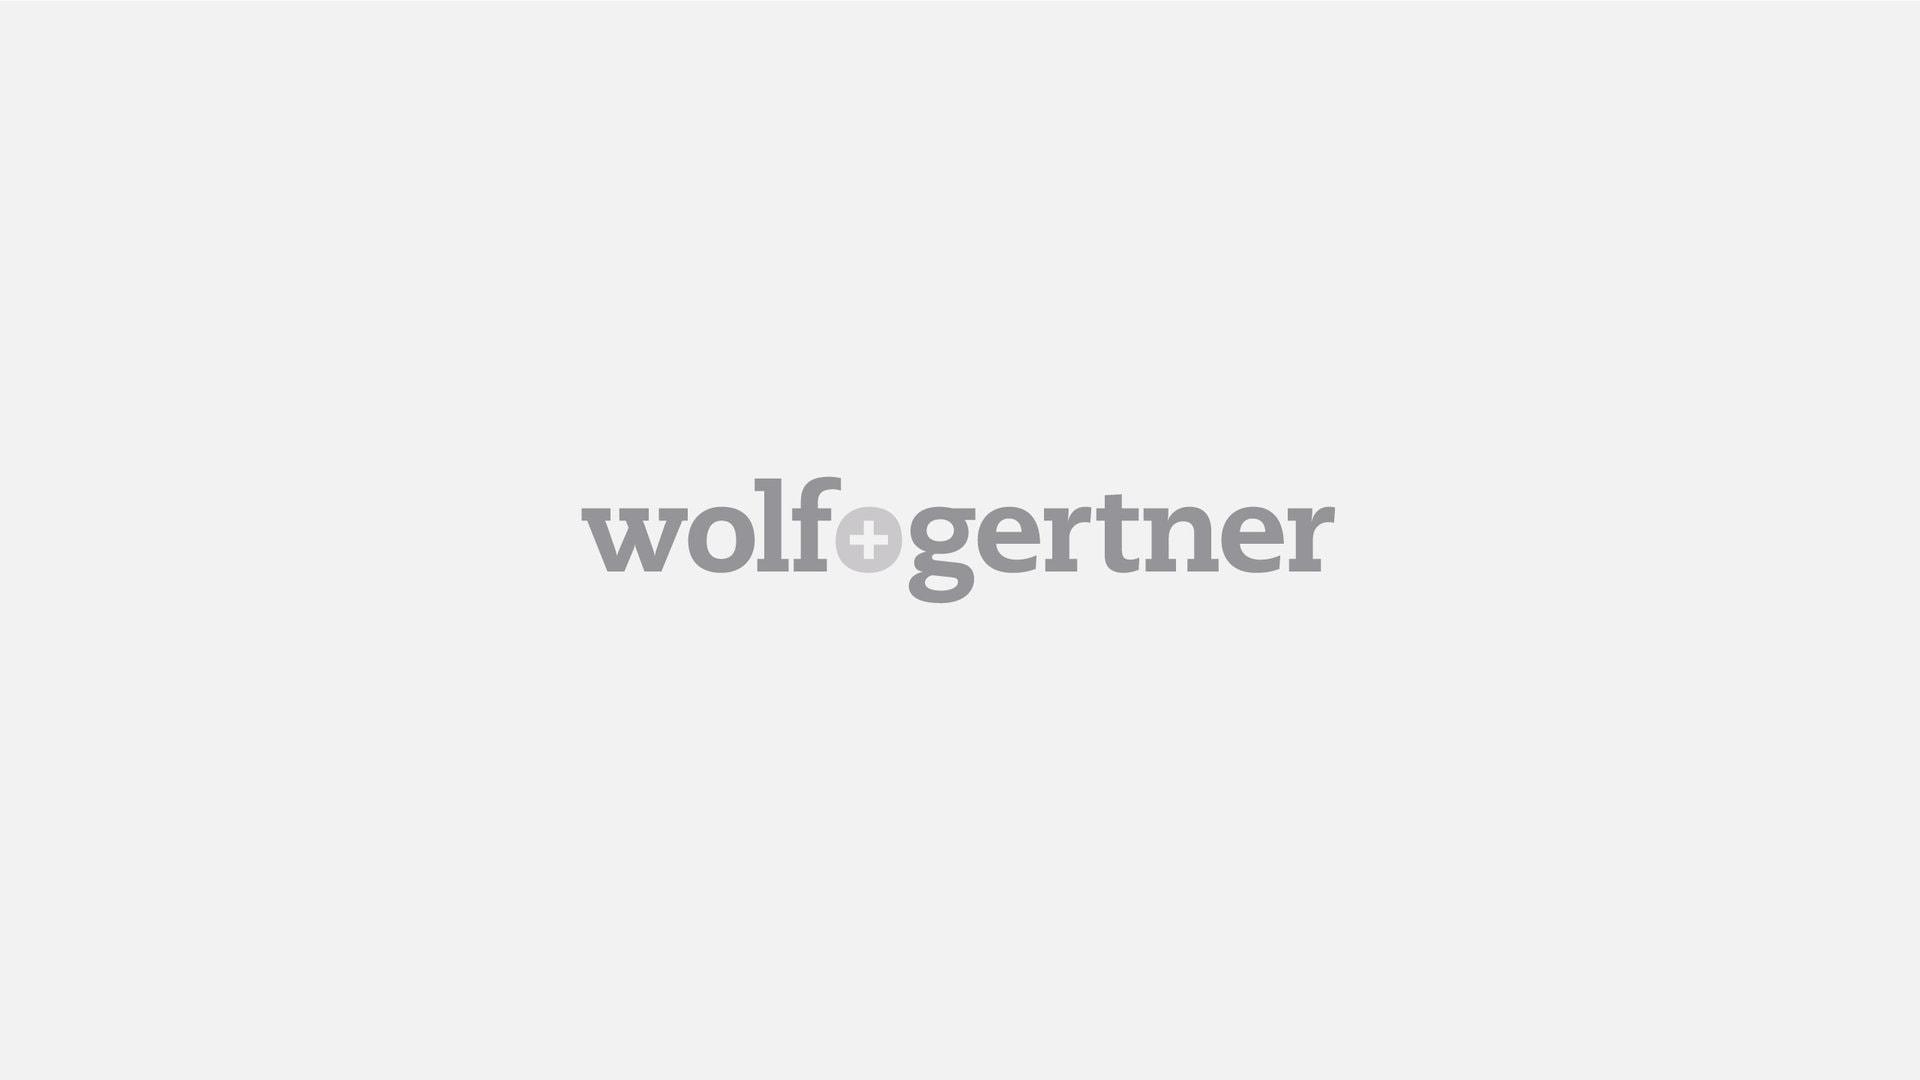 wolf gertner logo